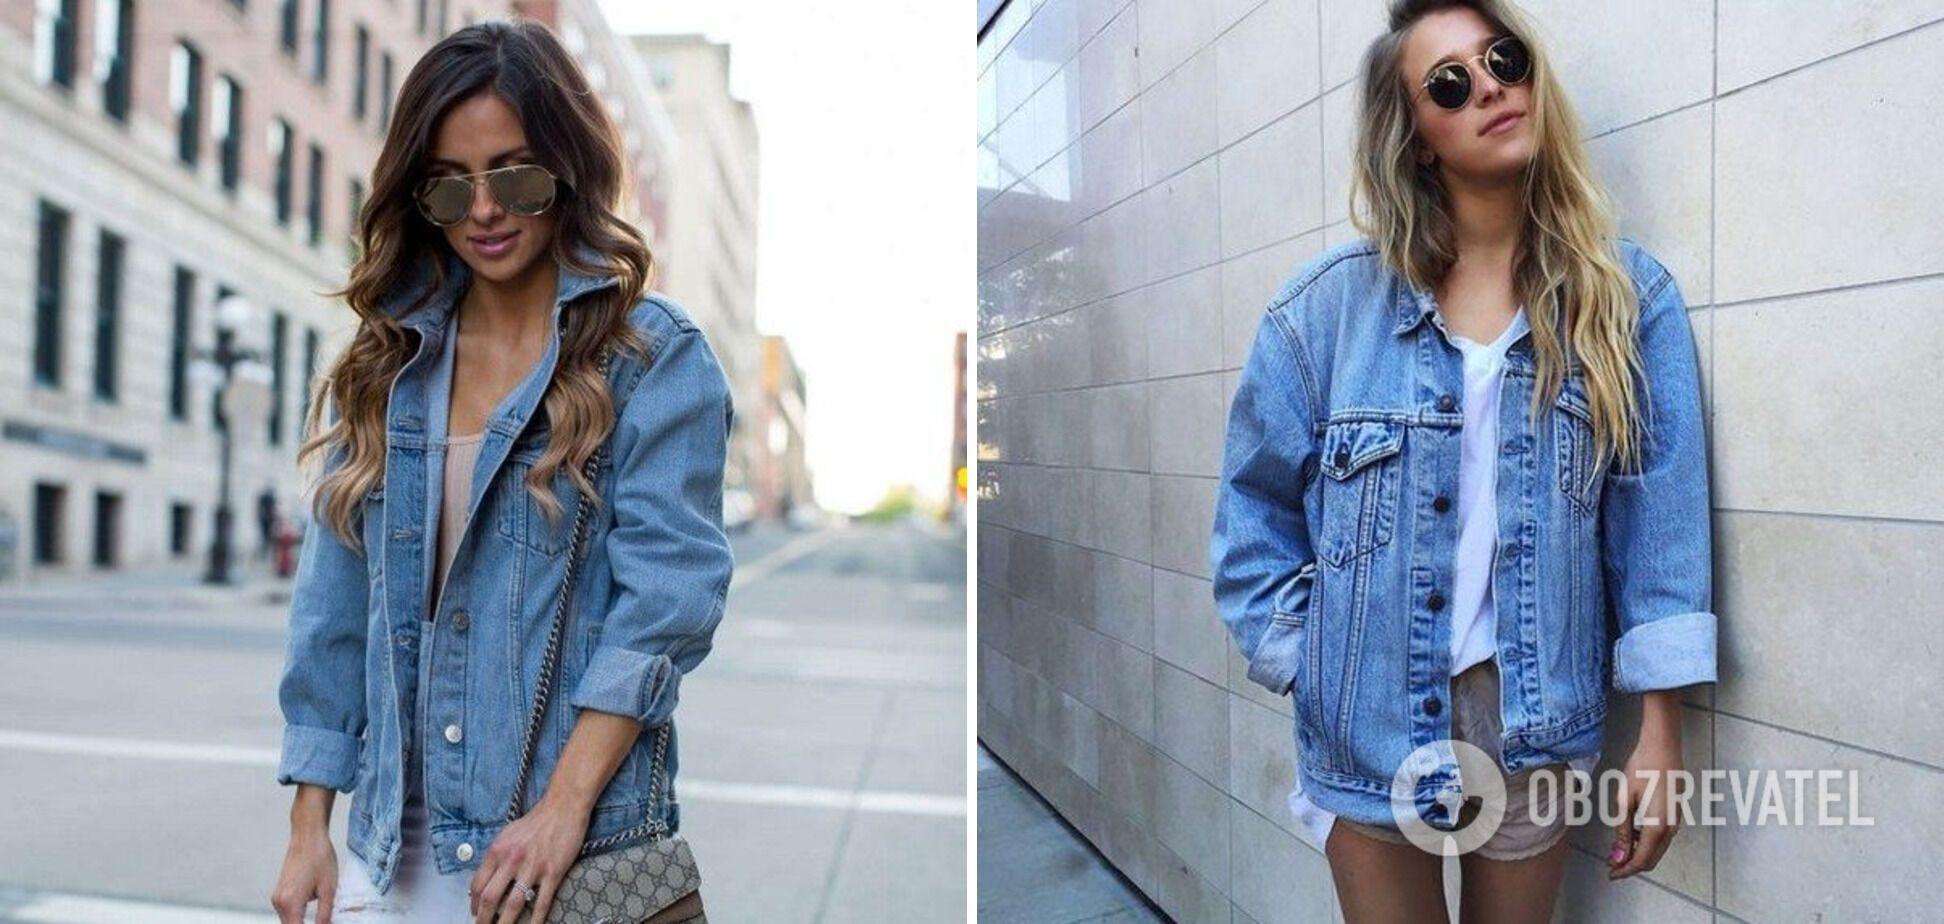 Класична джинсова куртка популярна багато років